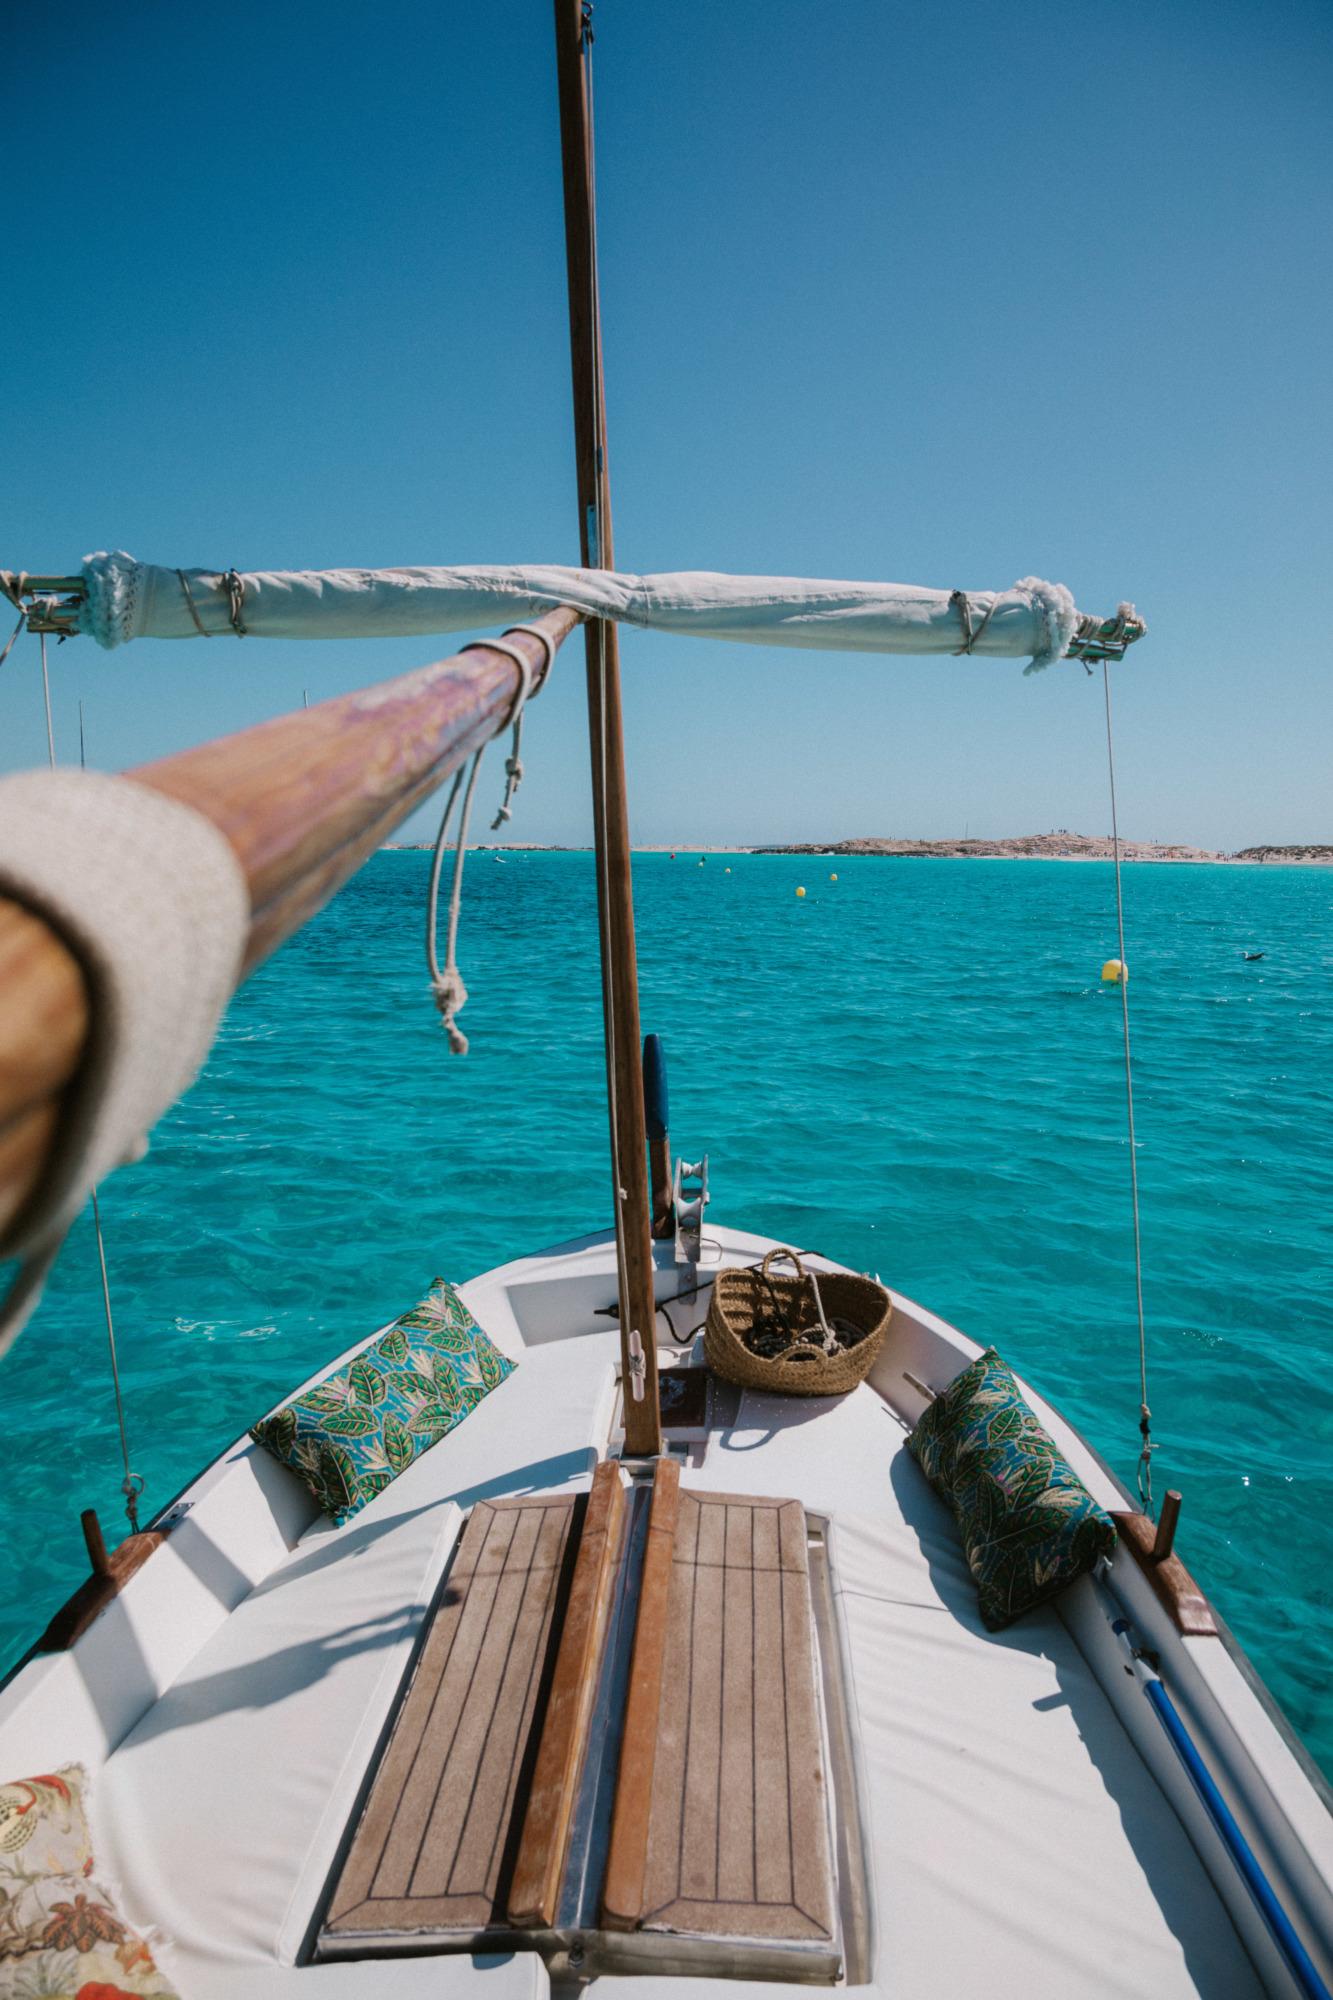 Faire du bateau à Formentera - Blondie Baby blog voyage